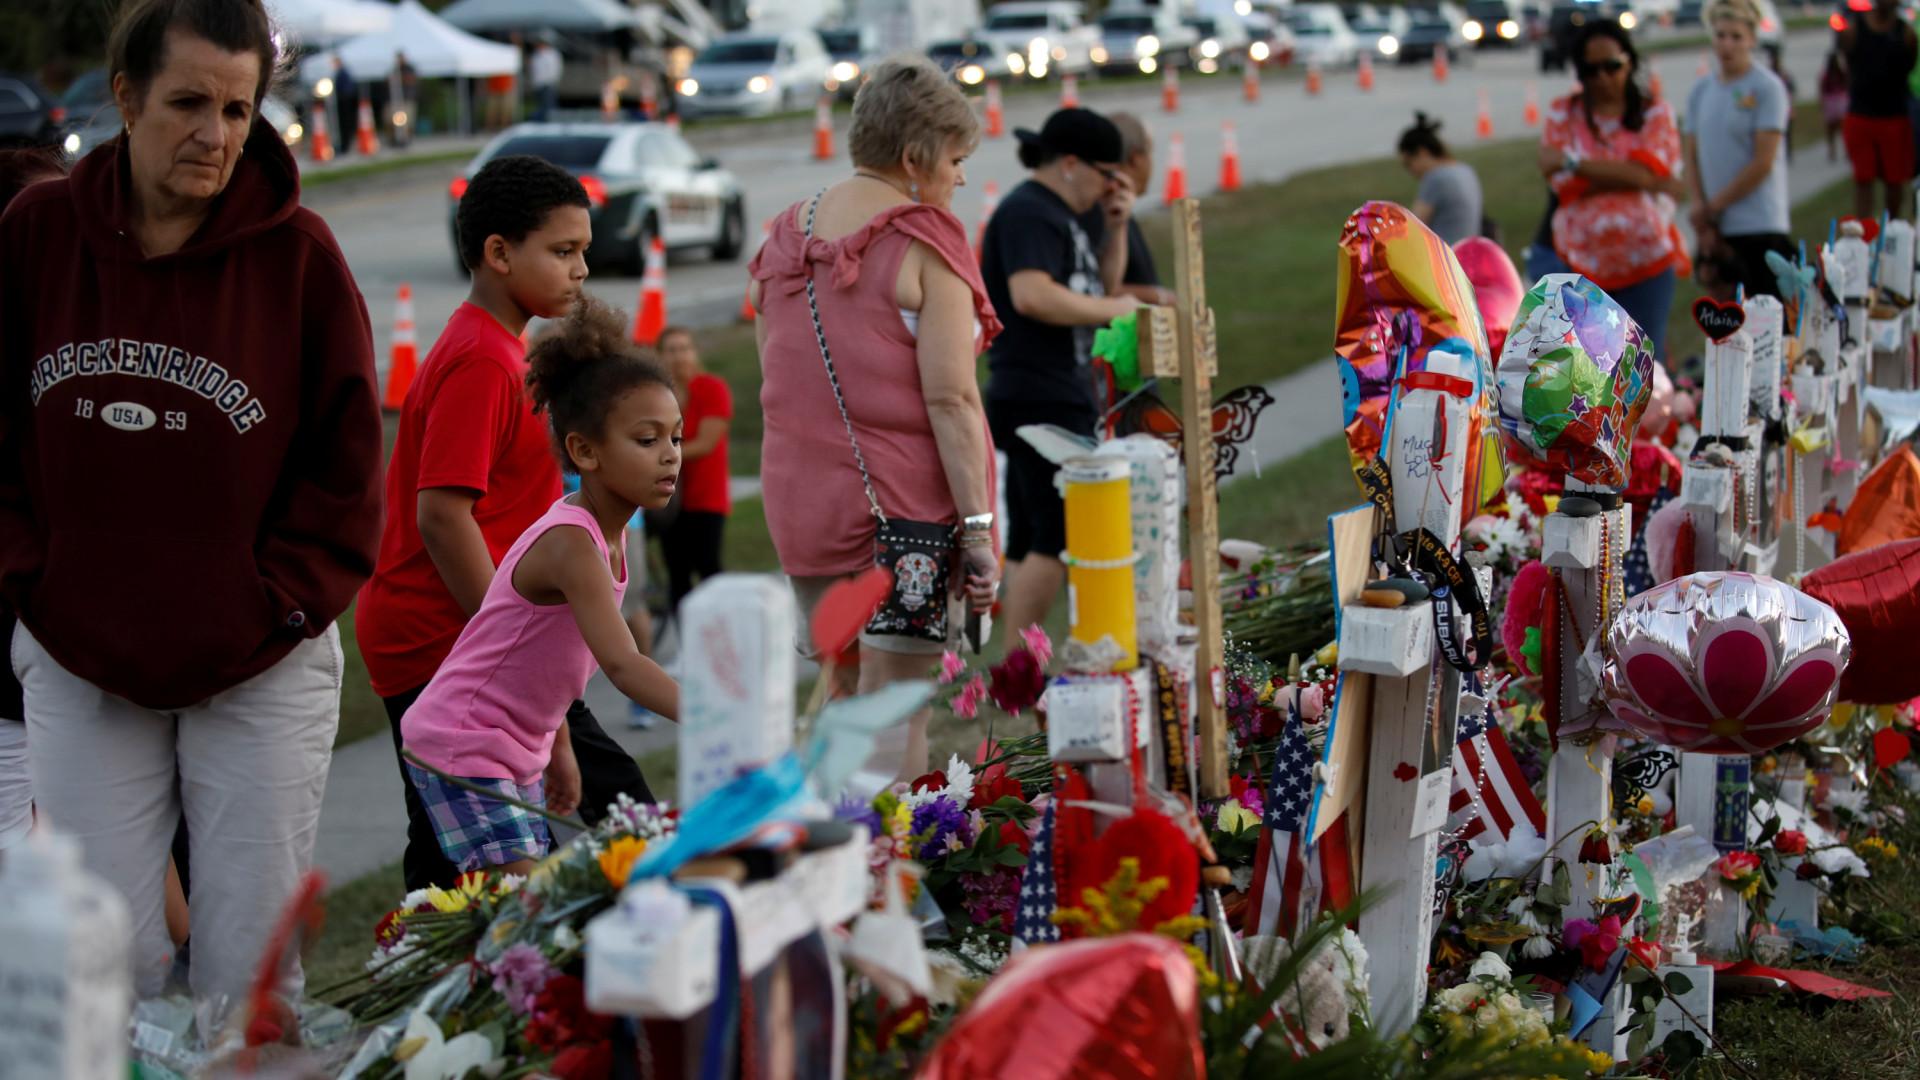 Governador da Flórida quer um polícia em cada escola após massacre